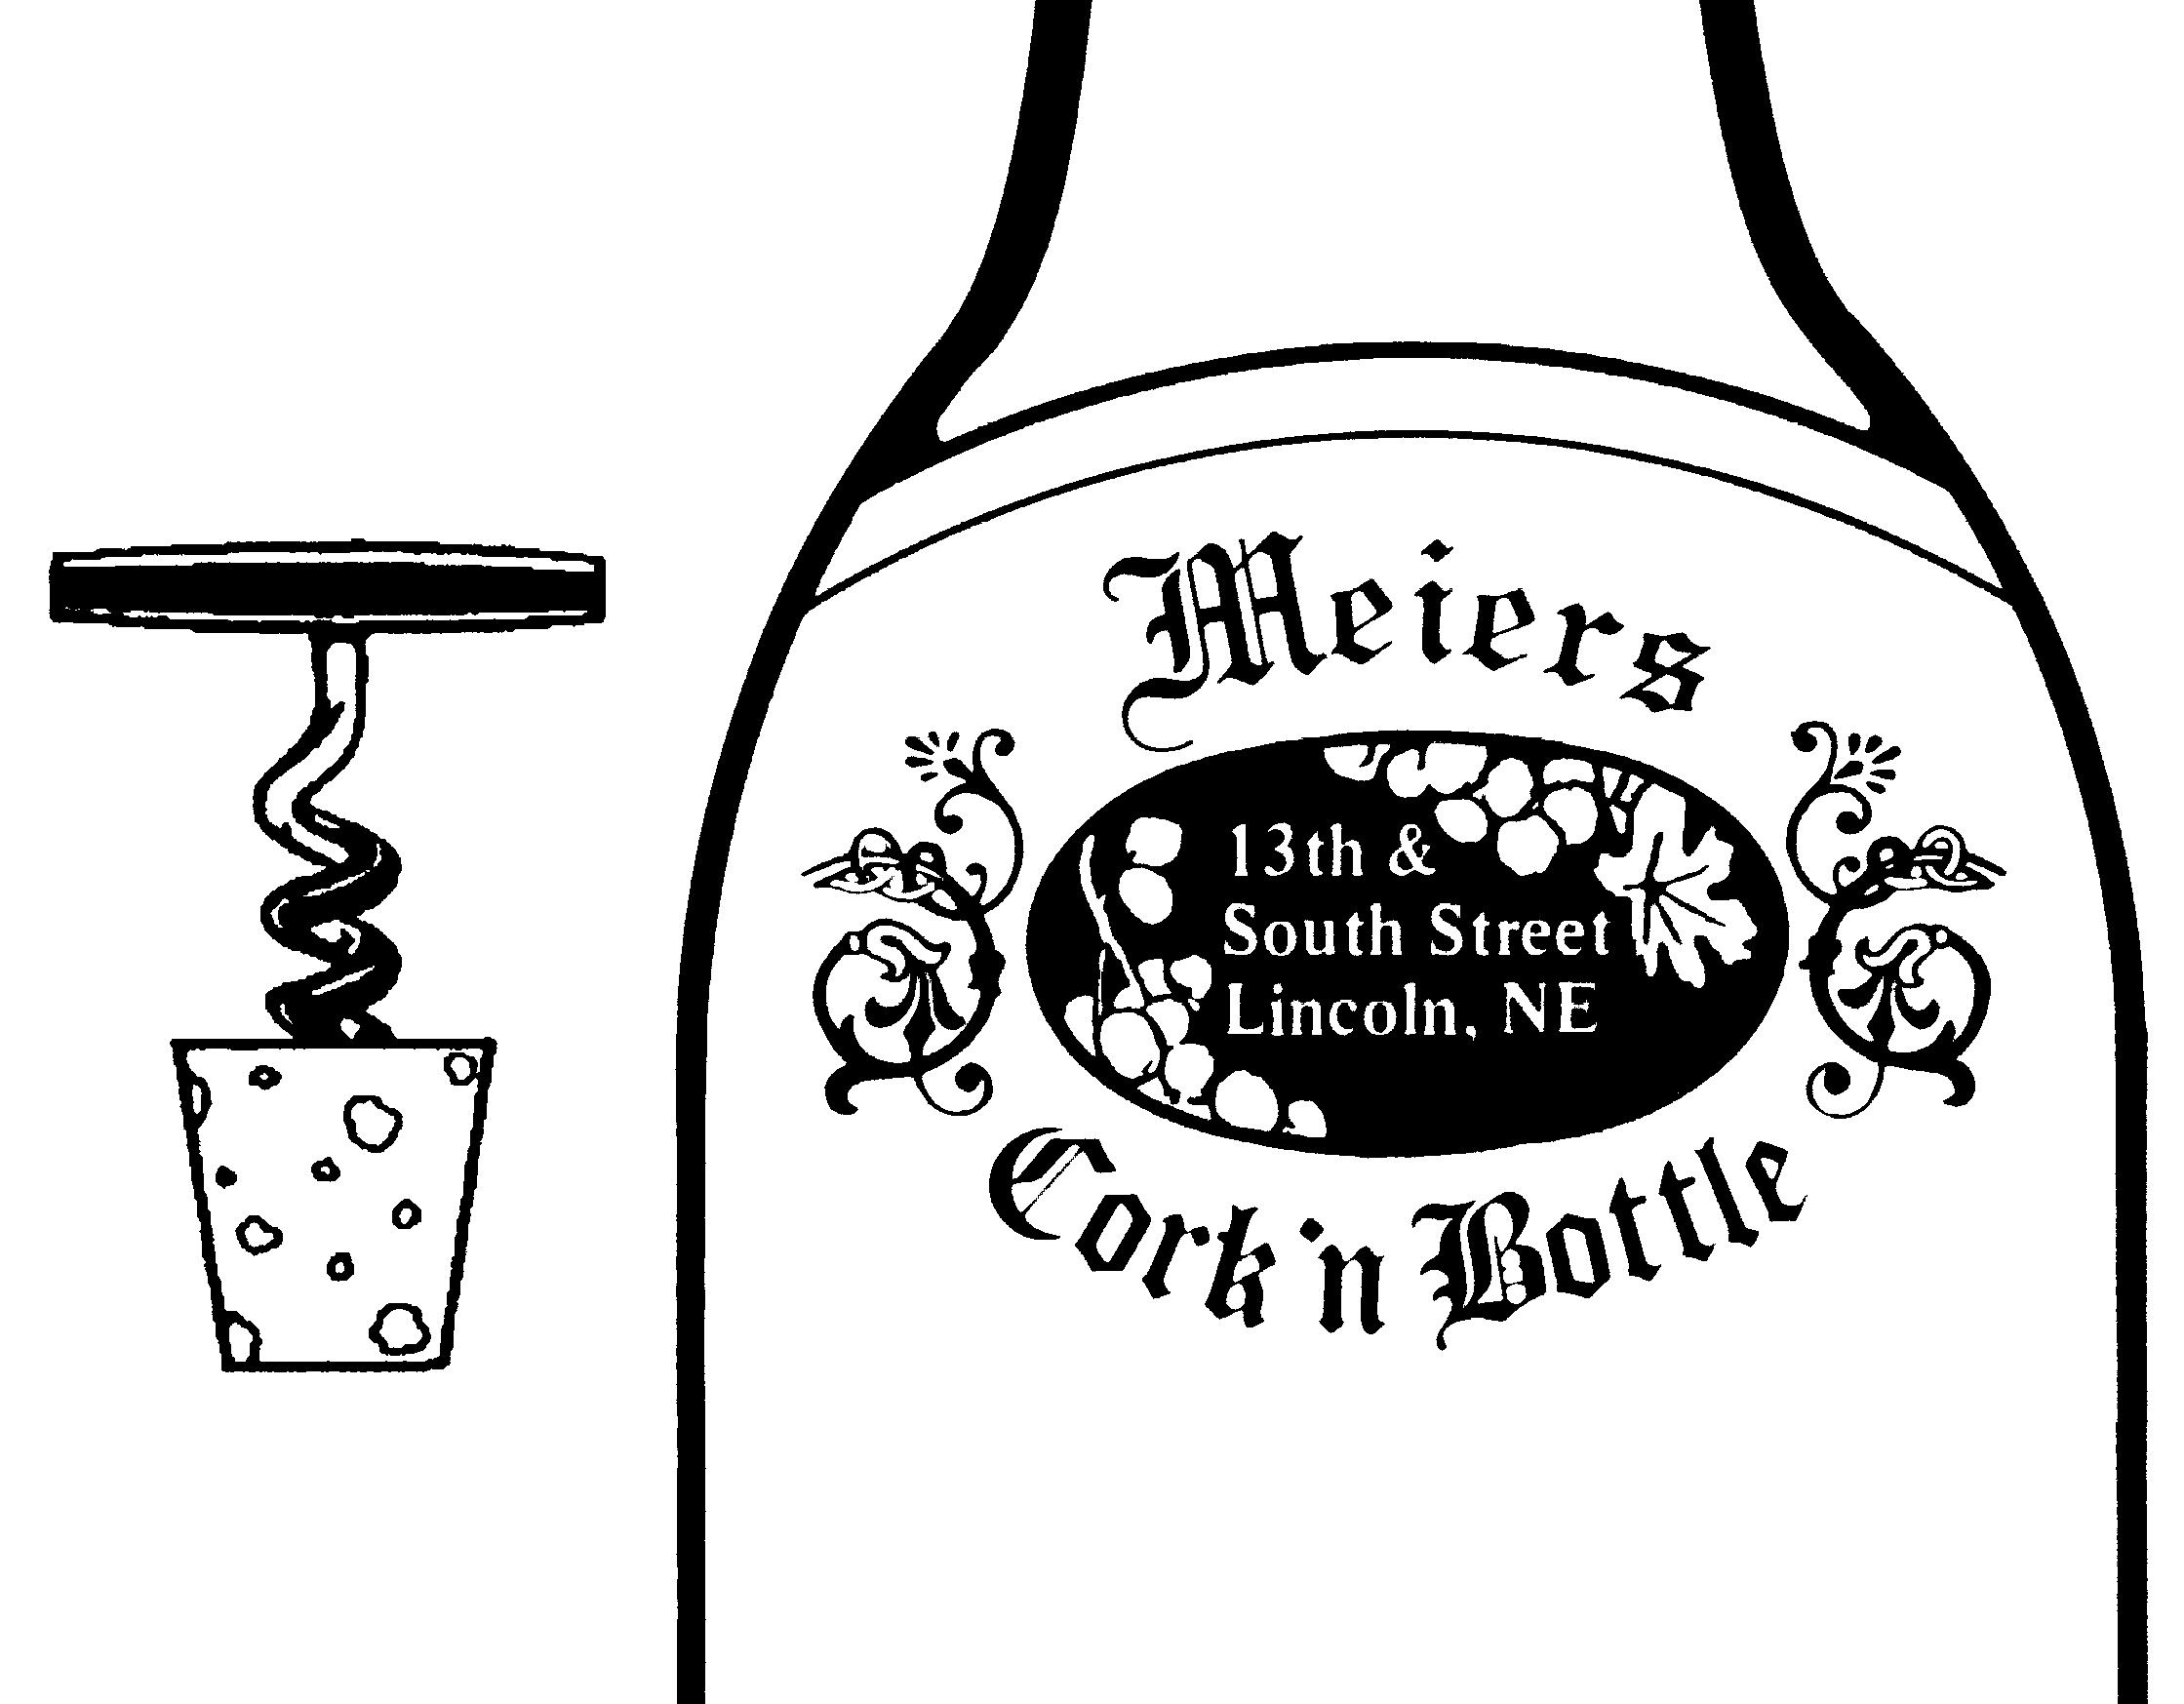 Meier'sCork'nBottleLogo(1).JPG